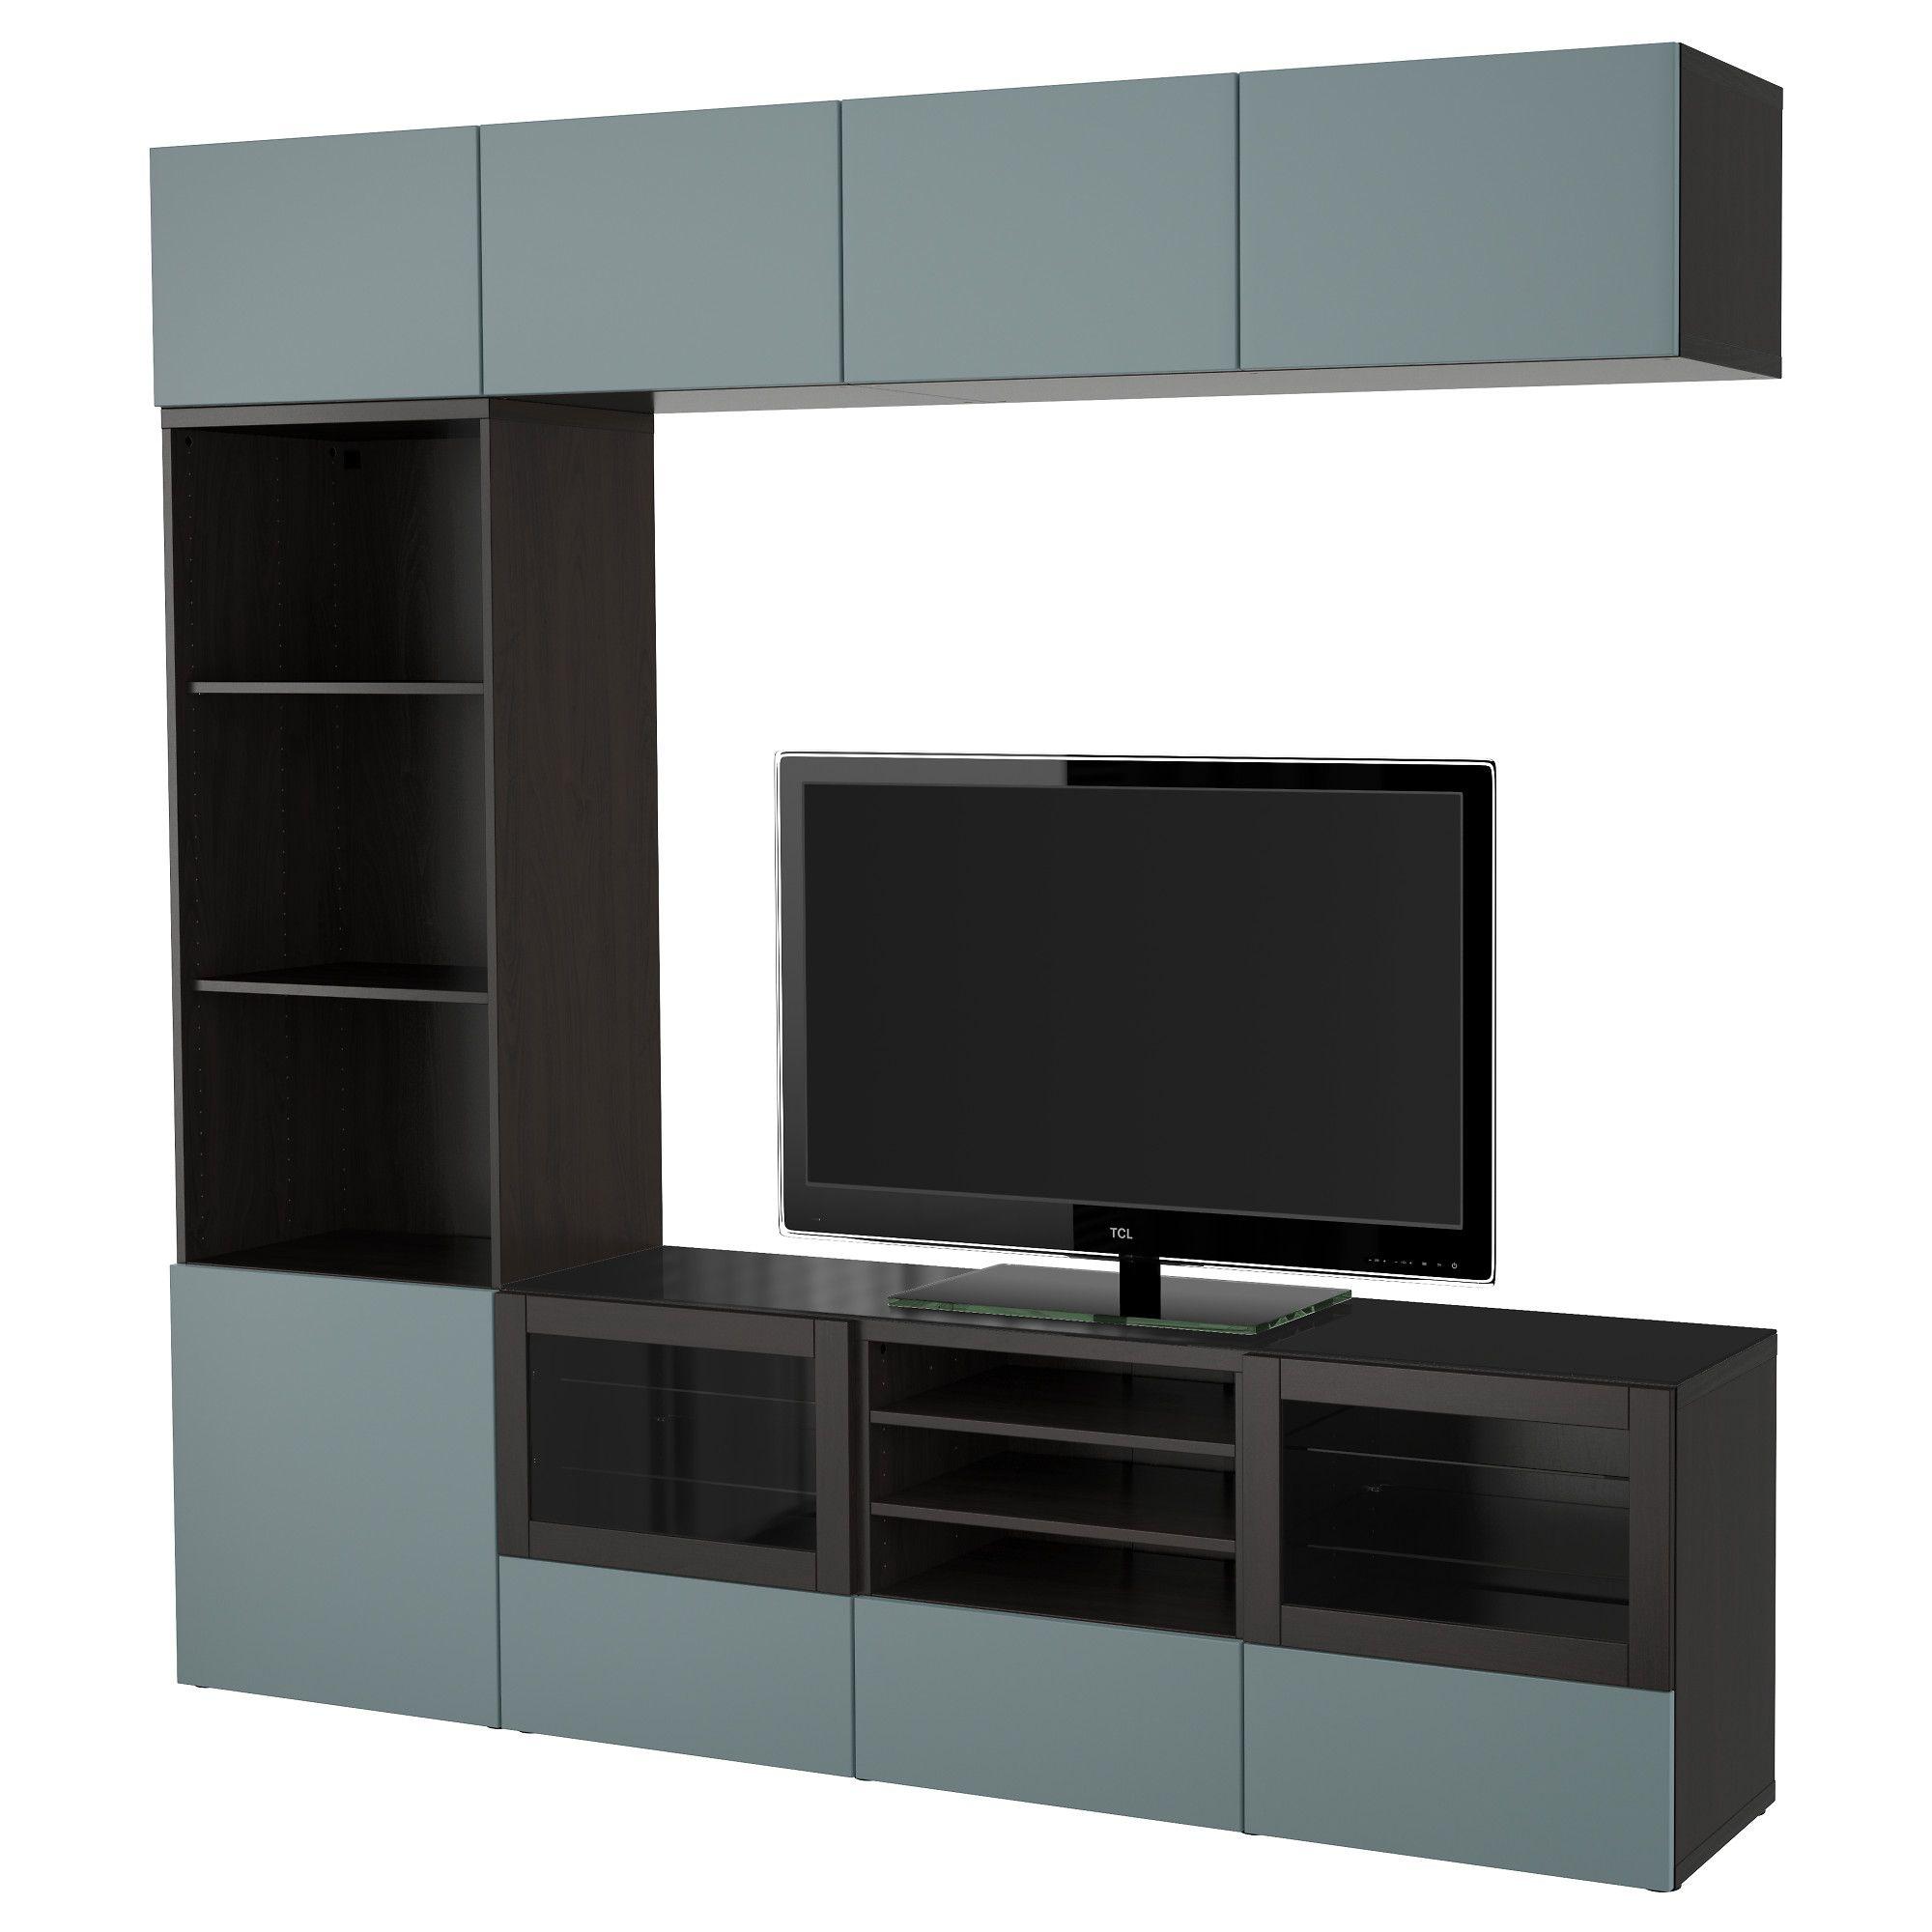 Pin de ladendirekt en TV-HiFi-Möbel | Pinterest